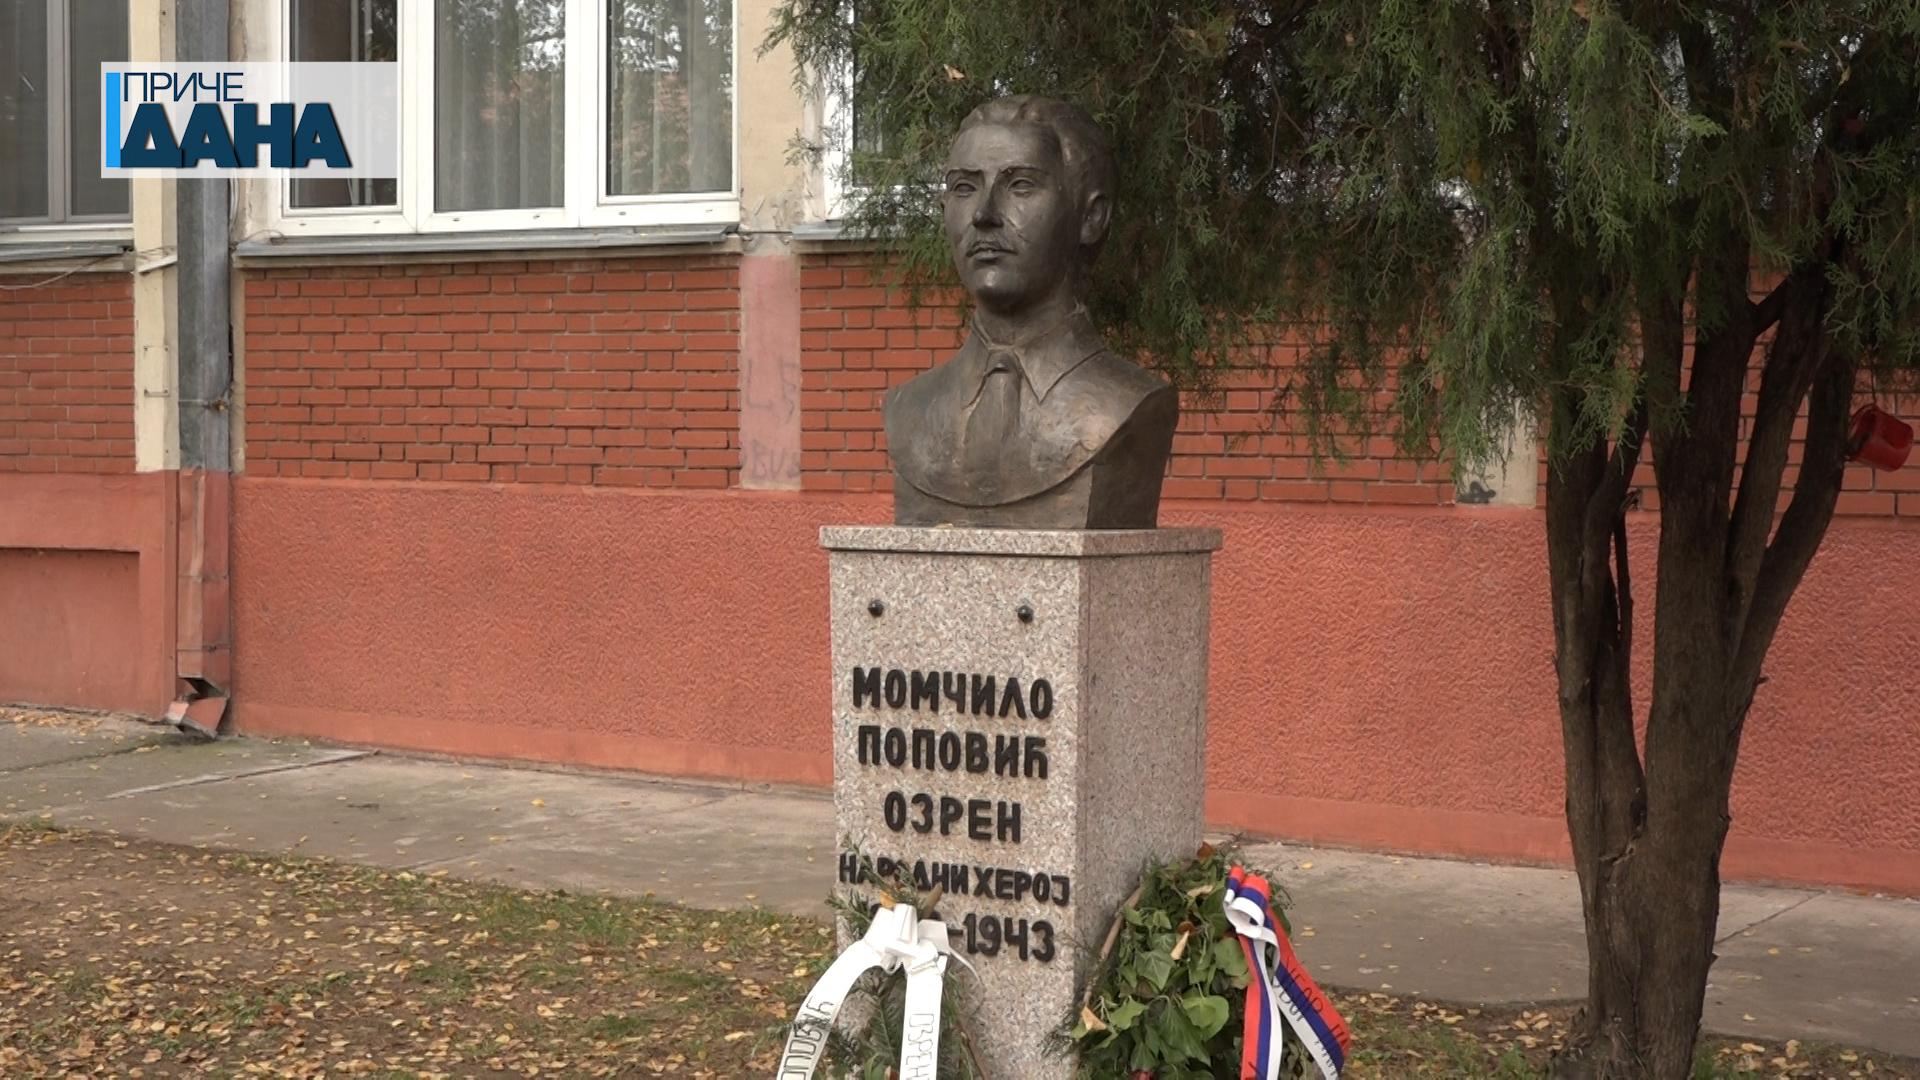 Bista Momčila Popovića Ozrena u istoimenoj osnovnoj školi u Paraćinu